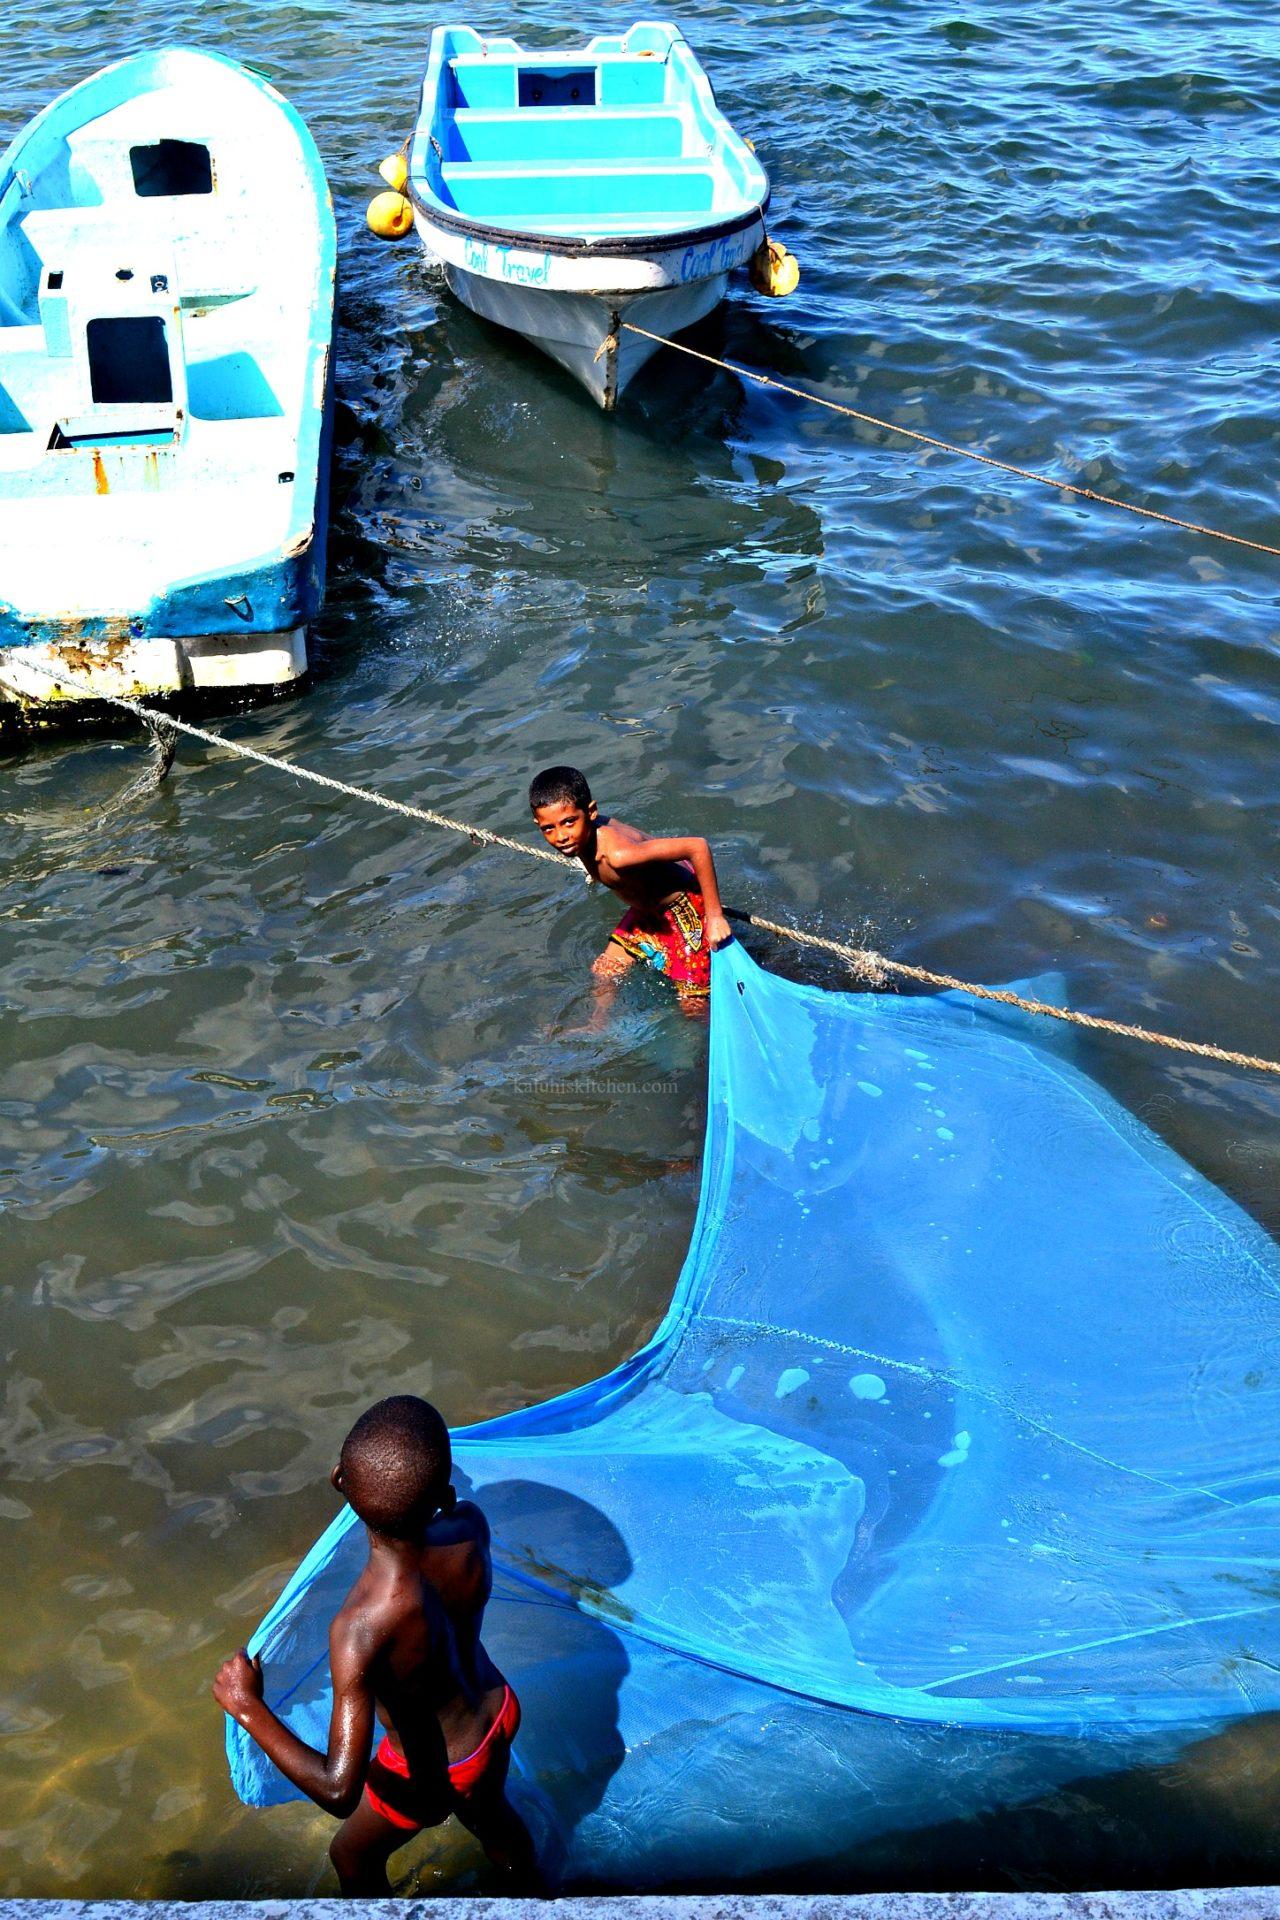 lamu local residents_lamu people_kenyan people_kaluhiskitchen.com